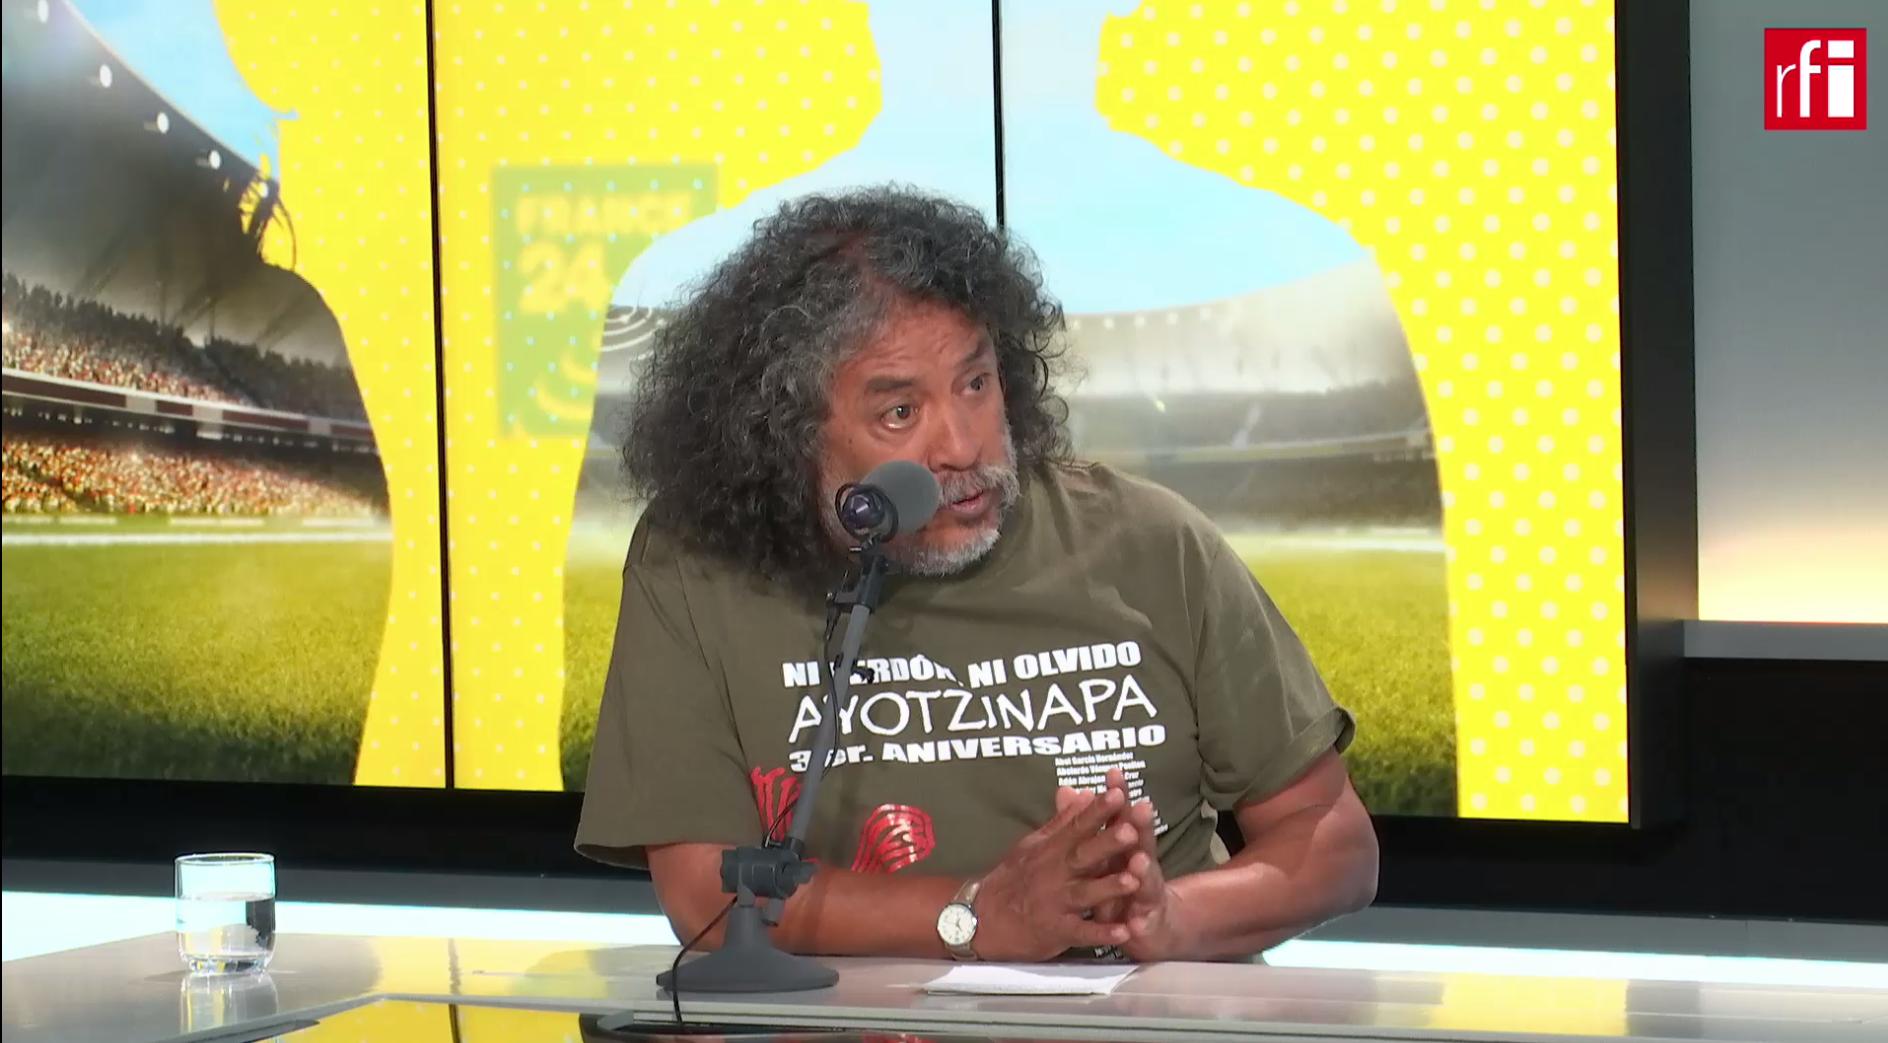 El periodista mexicano Segio Ocampo hizo Escala en París.